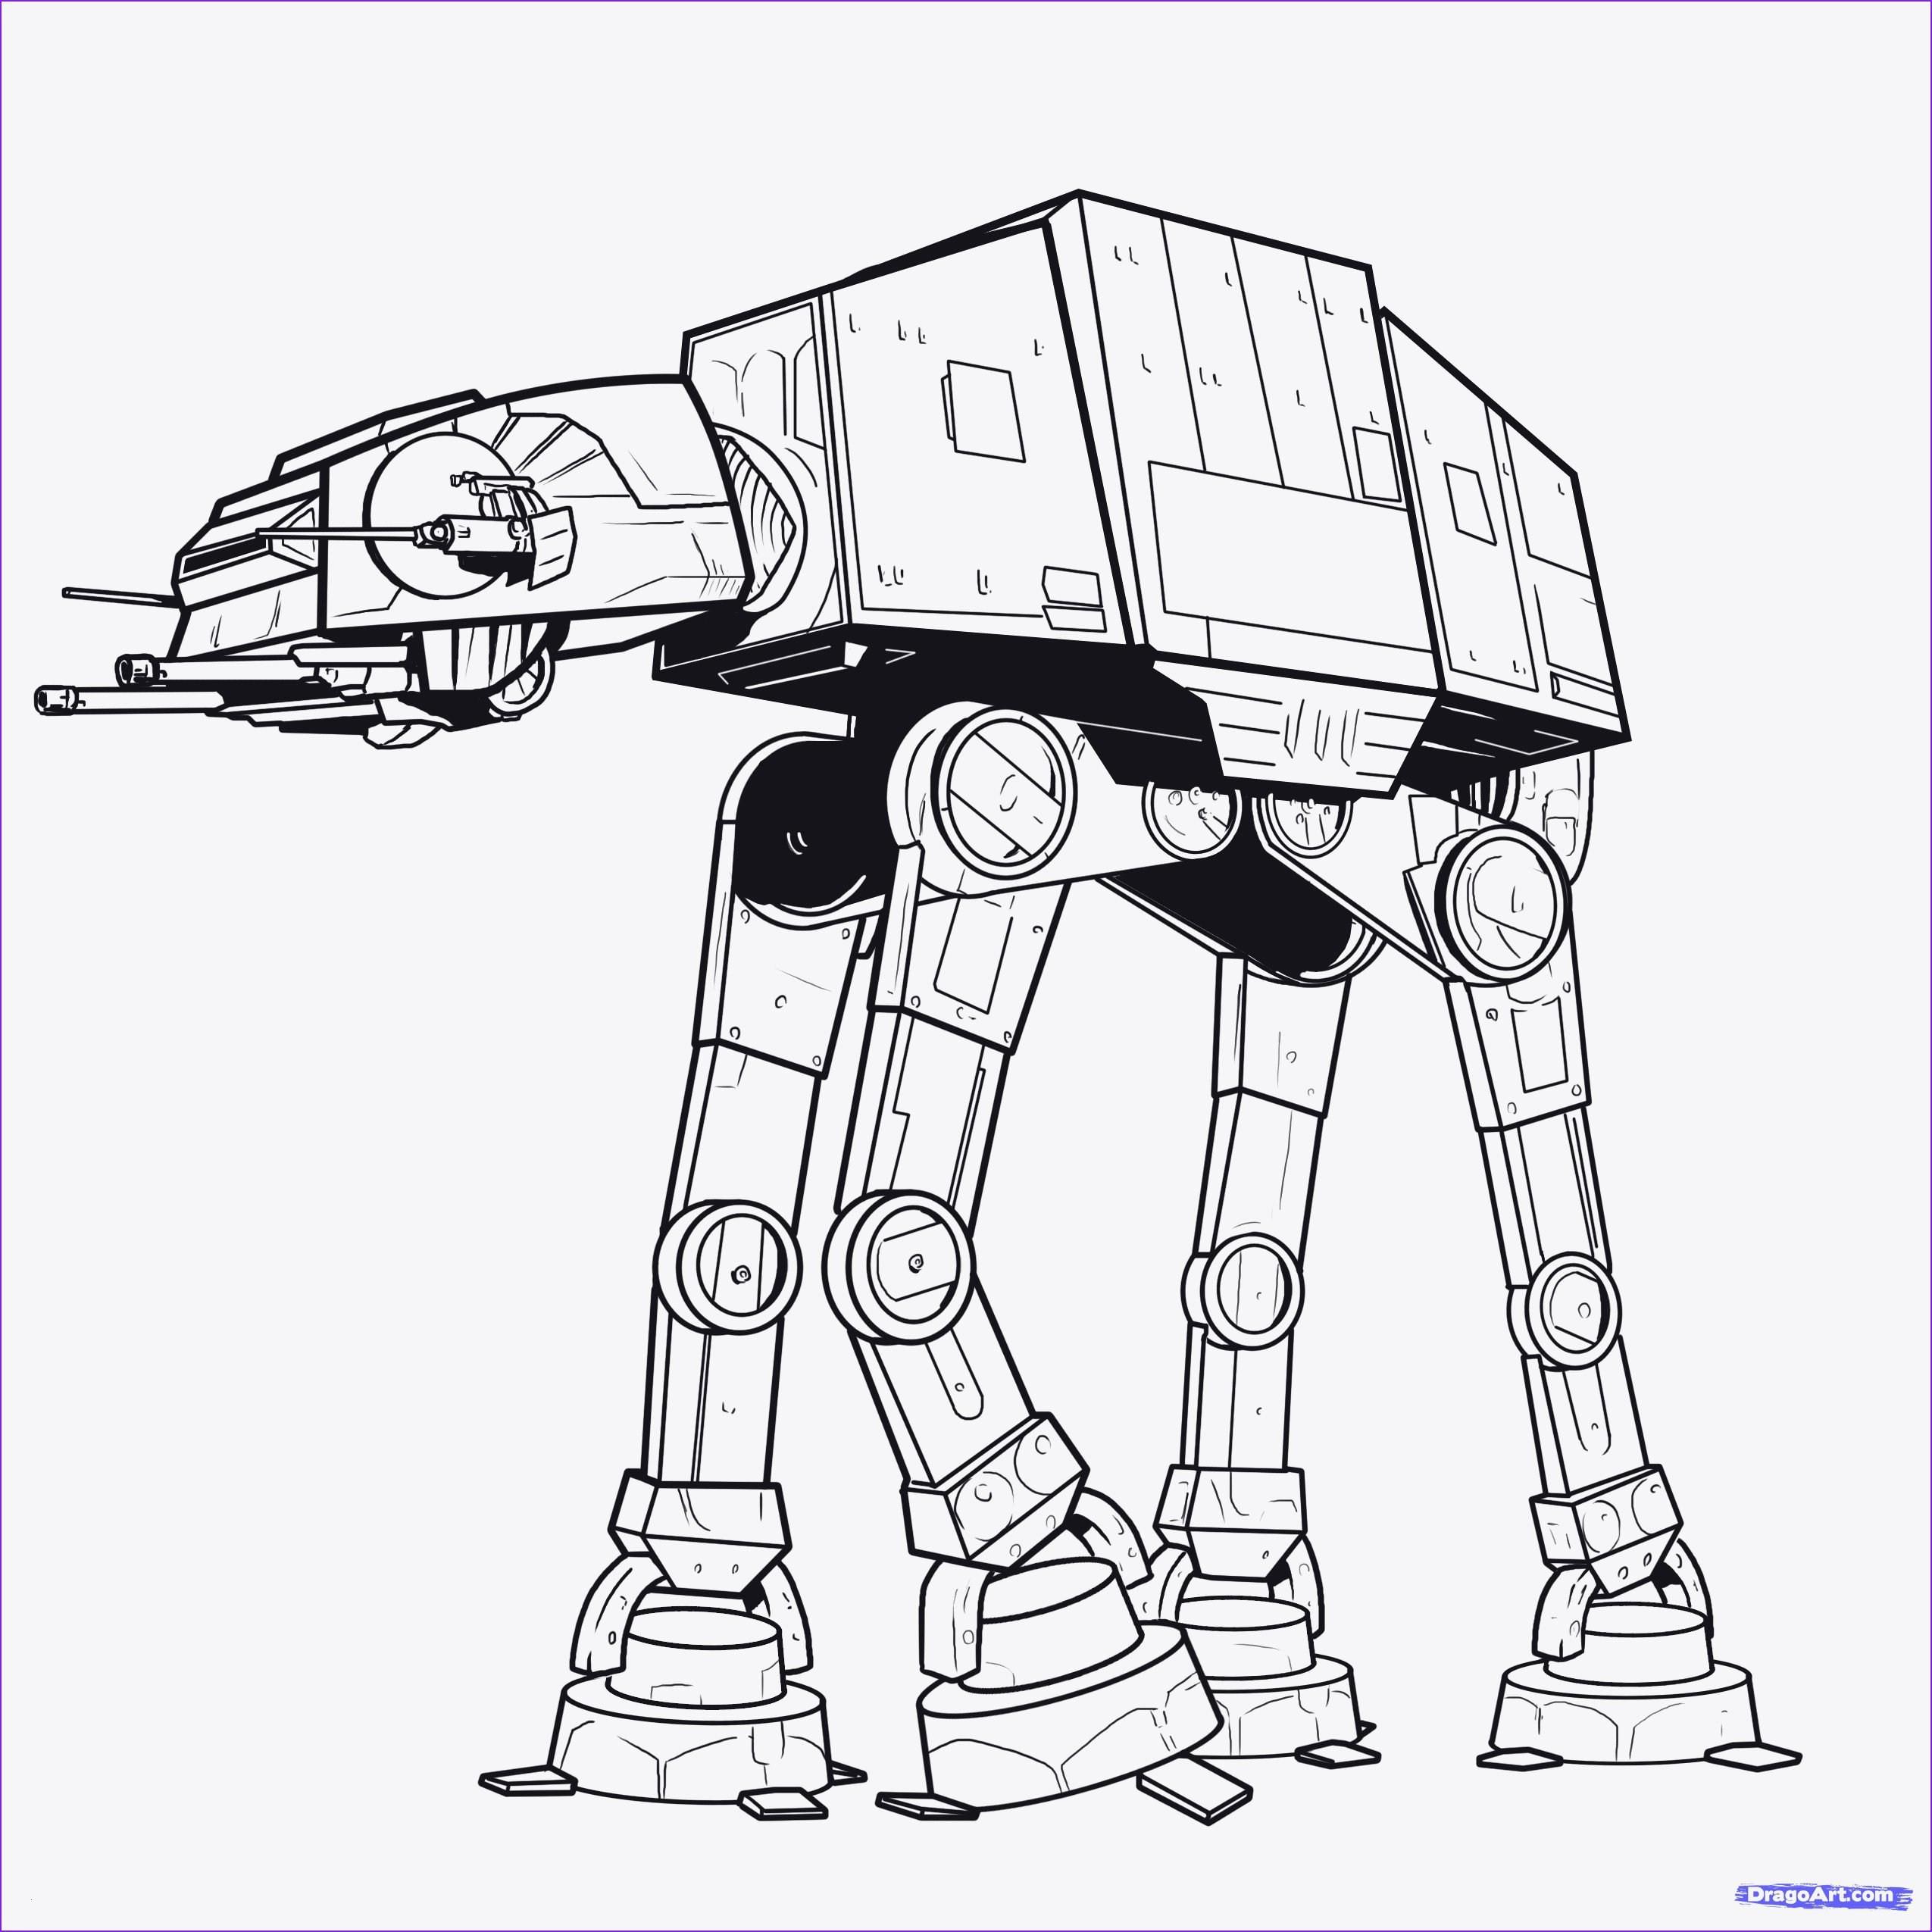 Darth Vader Ausmalbilder Das Beste Von Ausmalbilder Lego Star Wars Genial 38 Star Wars Darth Vader Bild